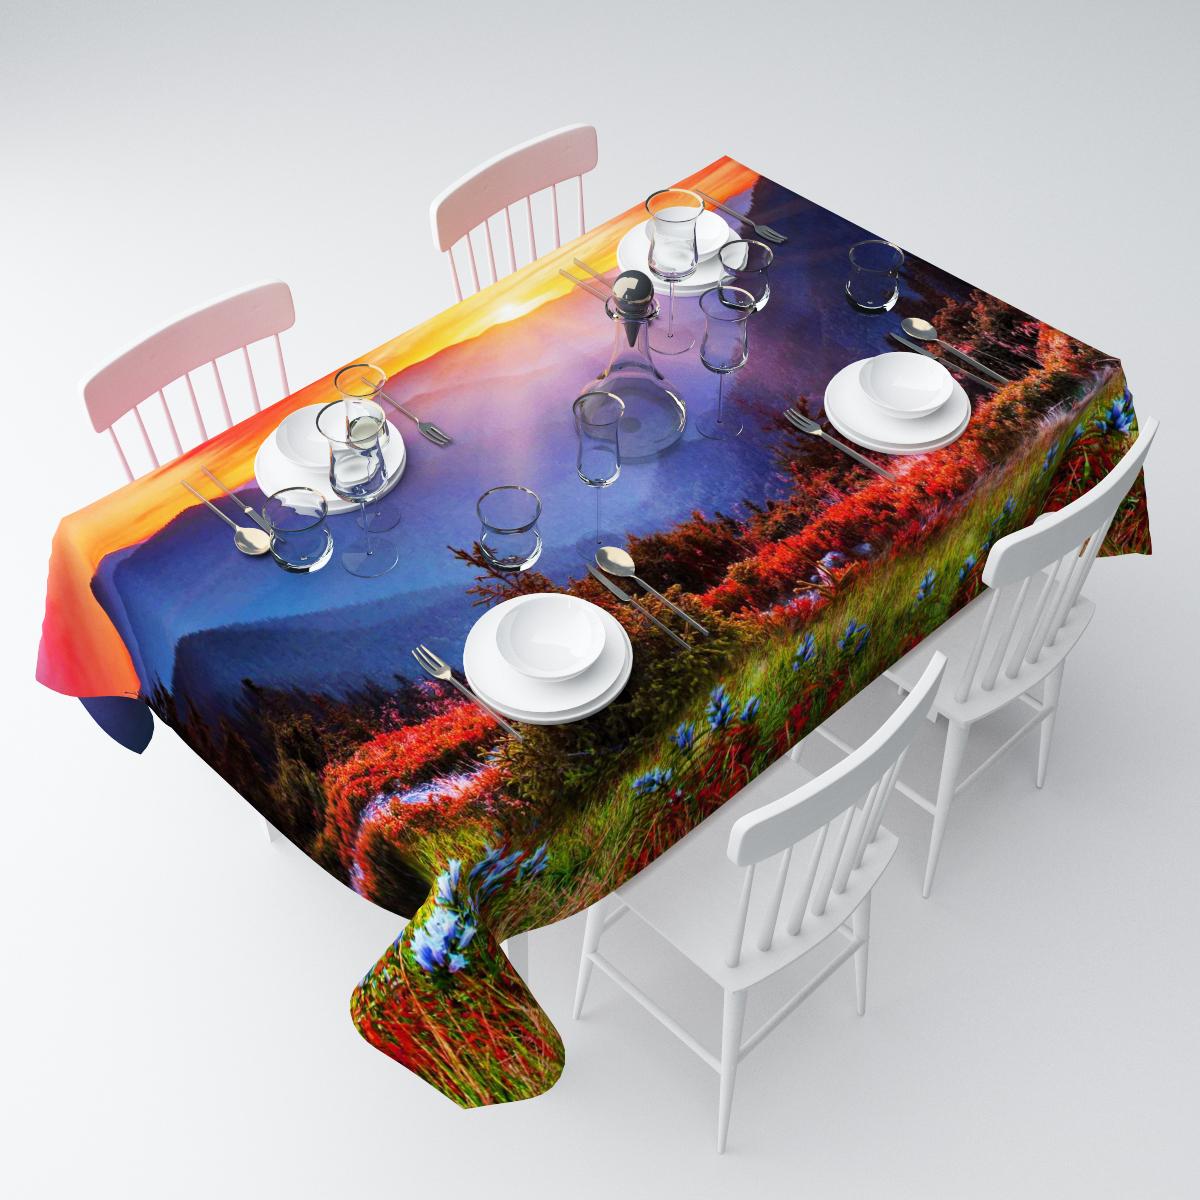 Скатерть Сирень Восход в горах, прямоугольная, 145 х 220 смСКГБ004-04560Скатерть Сирень с ярким и объемным рисунком преобразит Вашу кухню, визуально расширит пространство, создаст атмосферу радости и комфорта. Размеры: 145х220 Рекомендации по уходу: стирка при 30 градусах гладить при температуре до 110 градусов Изображение на мониторе может немного отличаться от реального.